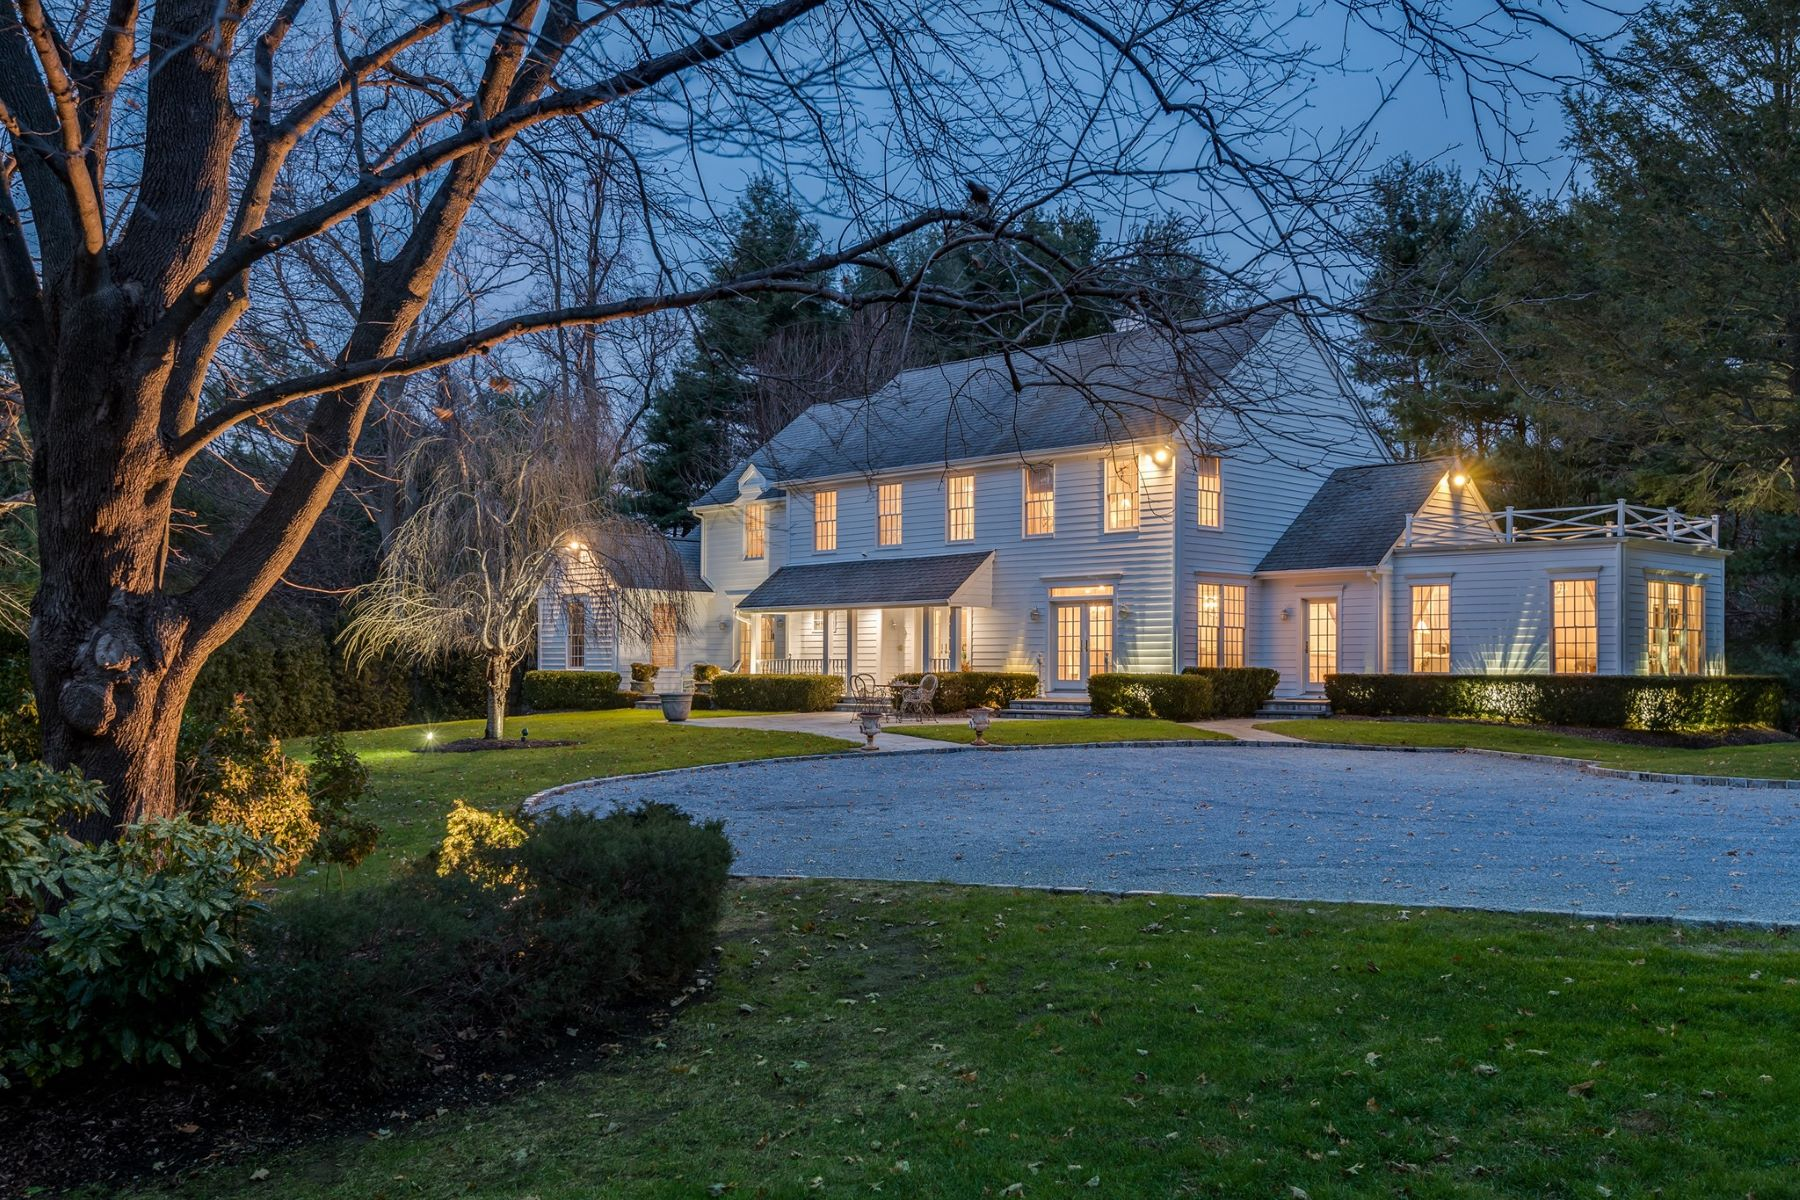 独户住宅 为 销售 在 1536 Old Cedar Swamp Rd , Brookville, NY 11545 1536 Old Cedar Swamp Rd, 布鲁克维尔, 纽约州, 11545 美国